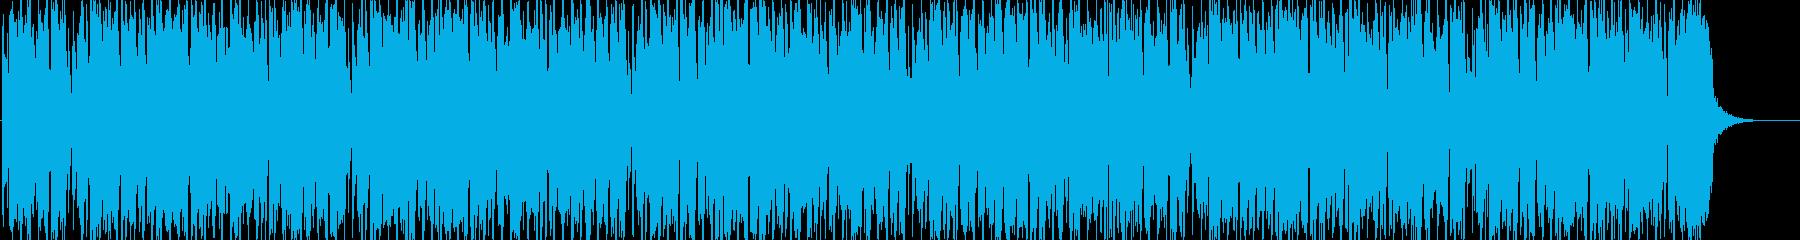 ノリノリな気分のサックス&ギターの再生済みの波形